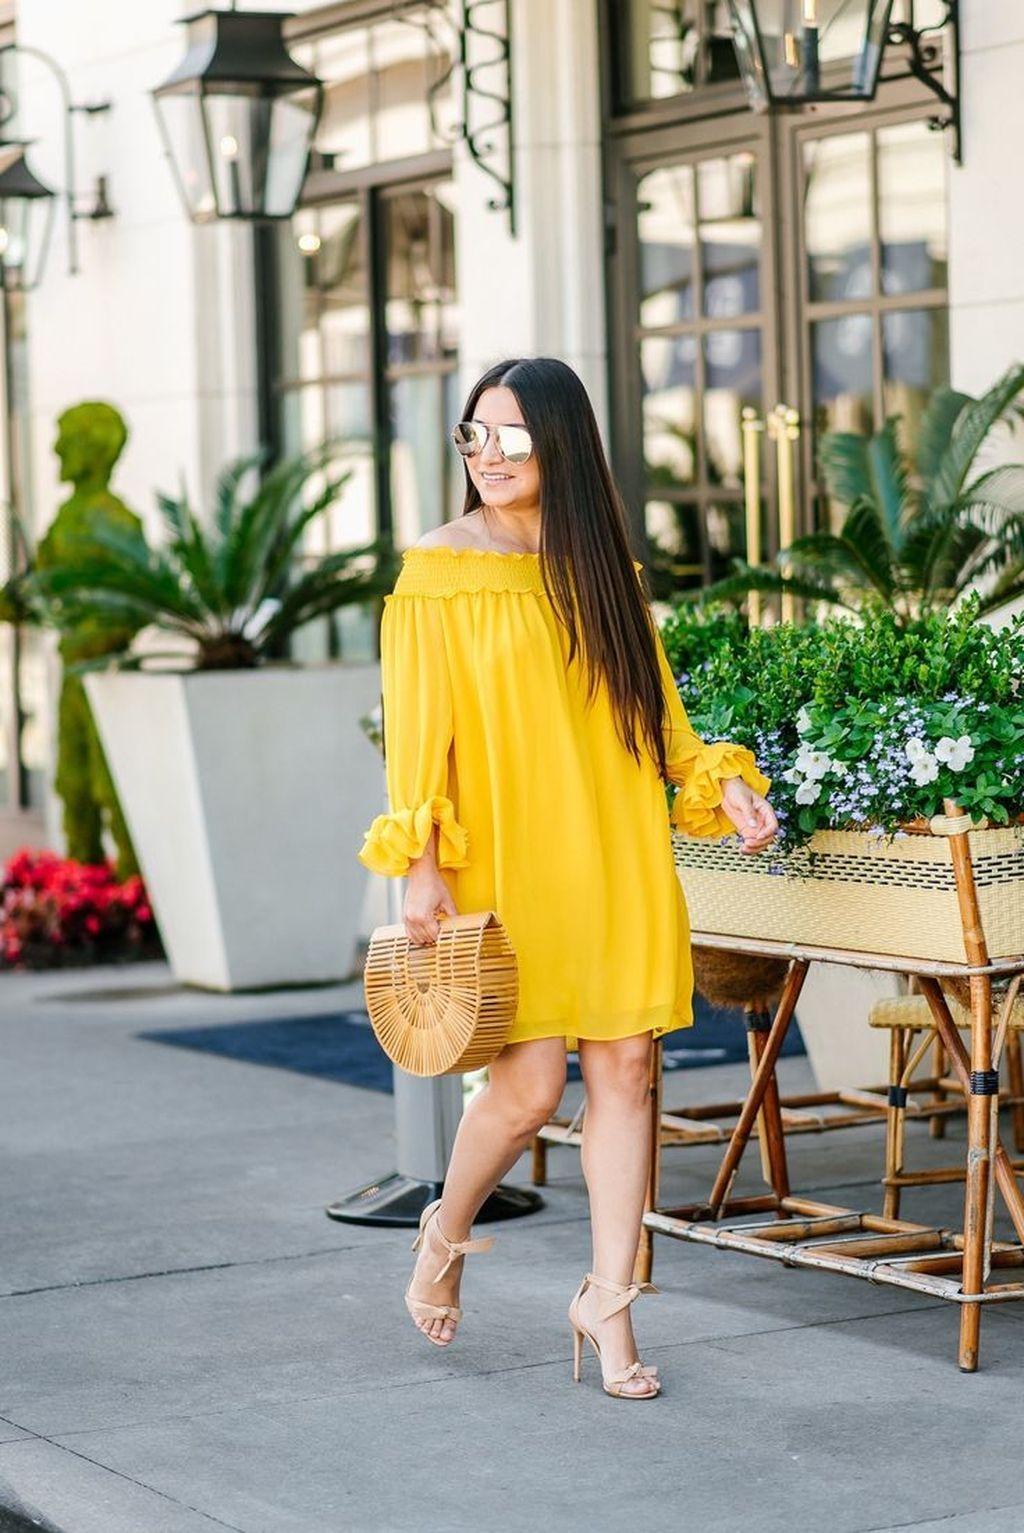 dbc5fc2322f760 39 Cute Yellow Outfit Ideas For Spring - ADDICFASHION